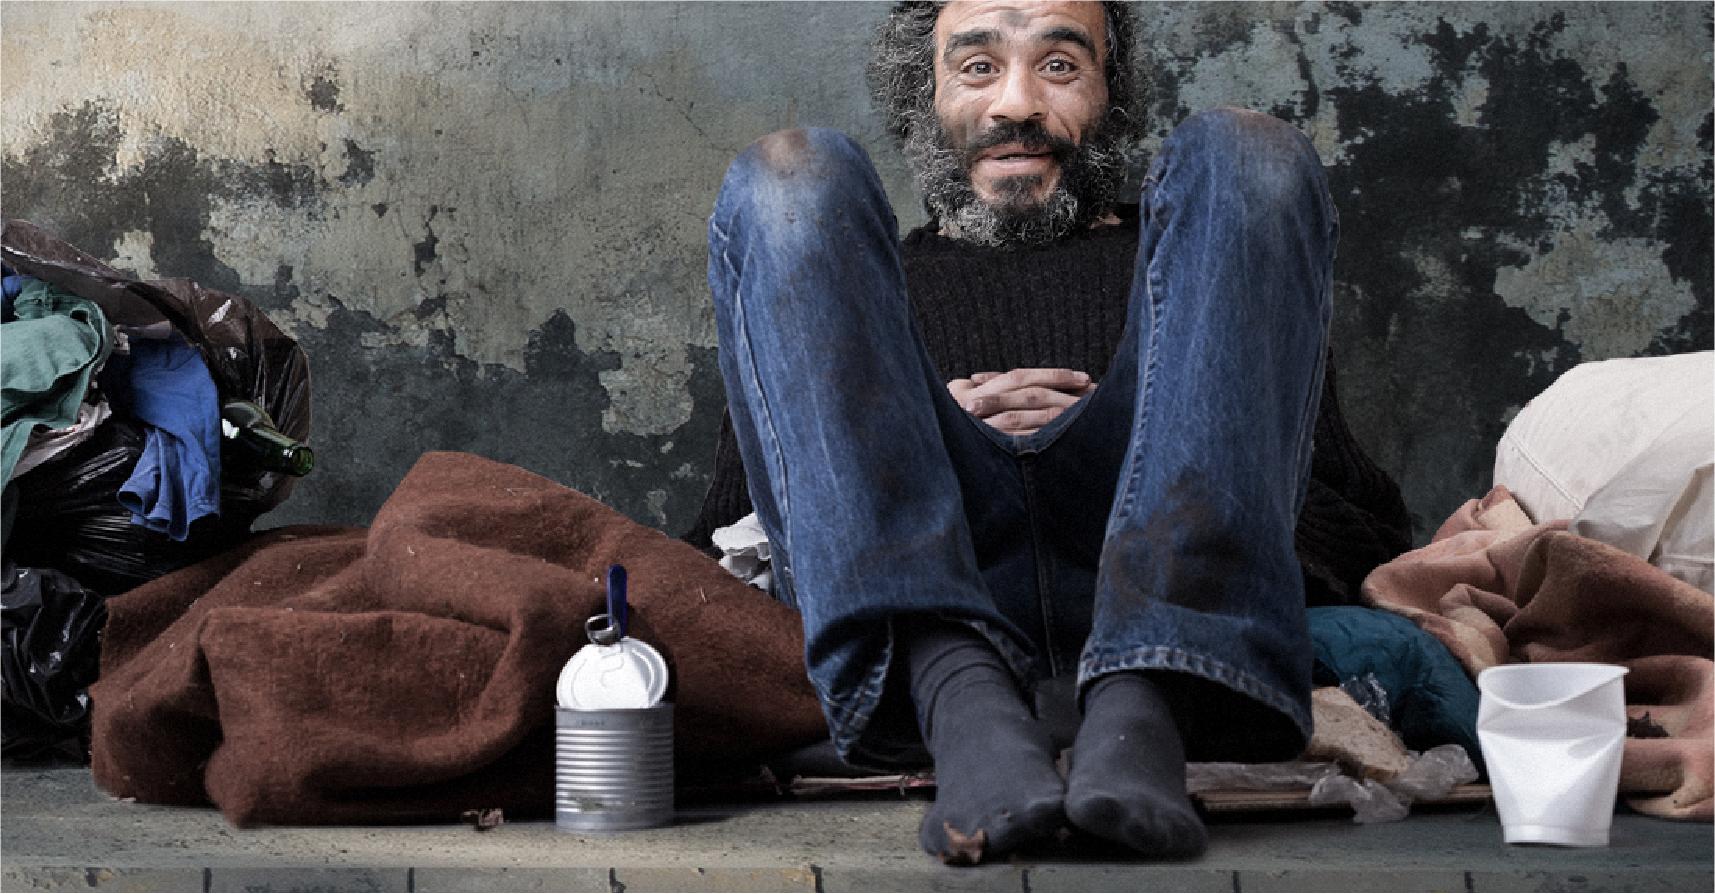 صورة مقابلات الحدود: هكذا أعاد البنك روح المغامرة لحياتي بعد أخذه بيتي واضطراري للعيش في الشارع